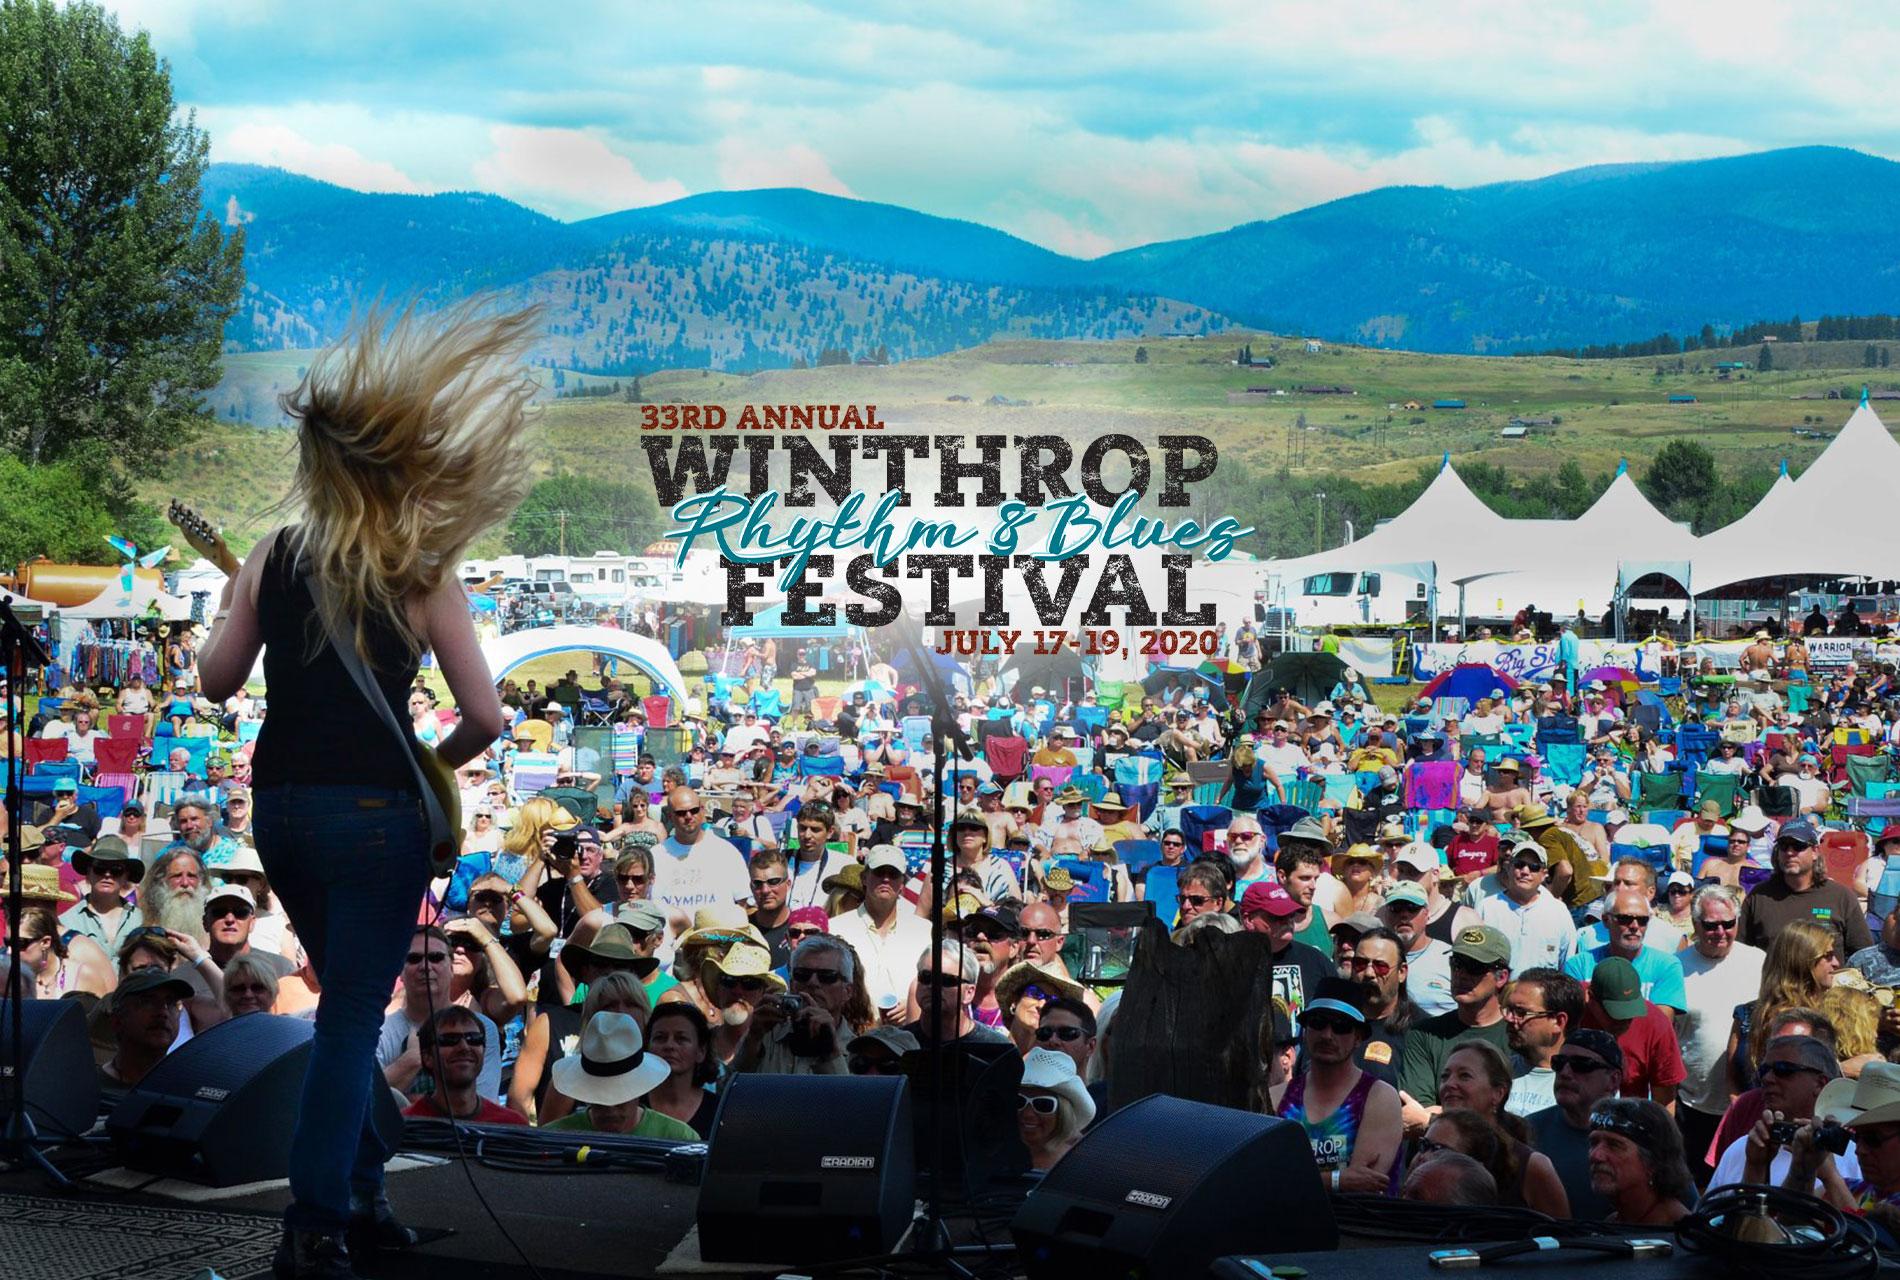 Winthrop Blues Festival 2020